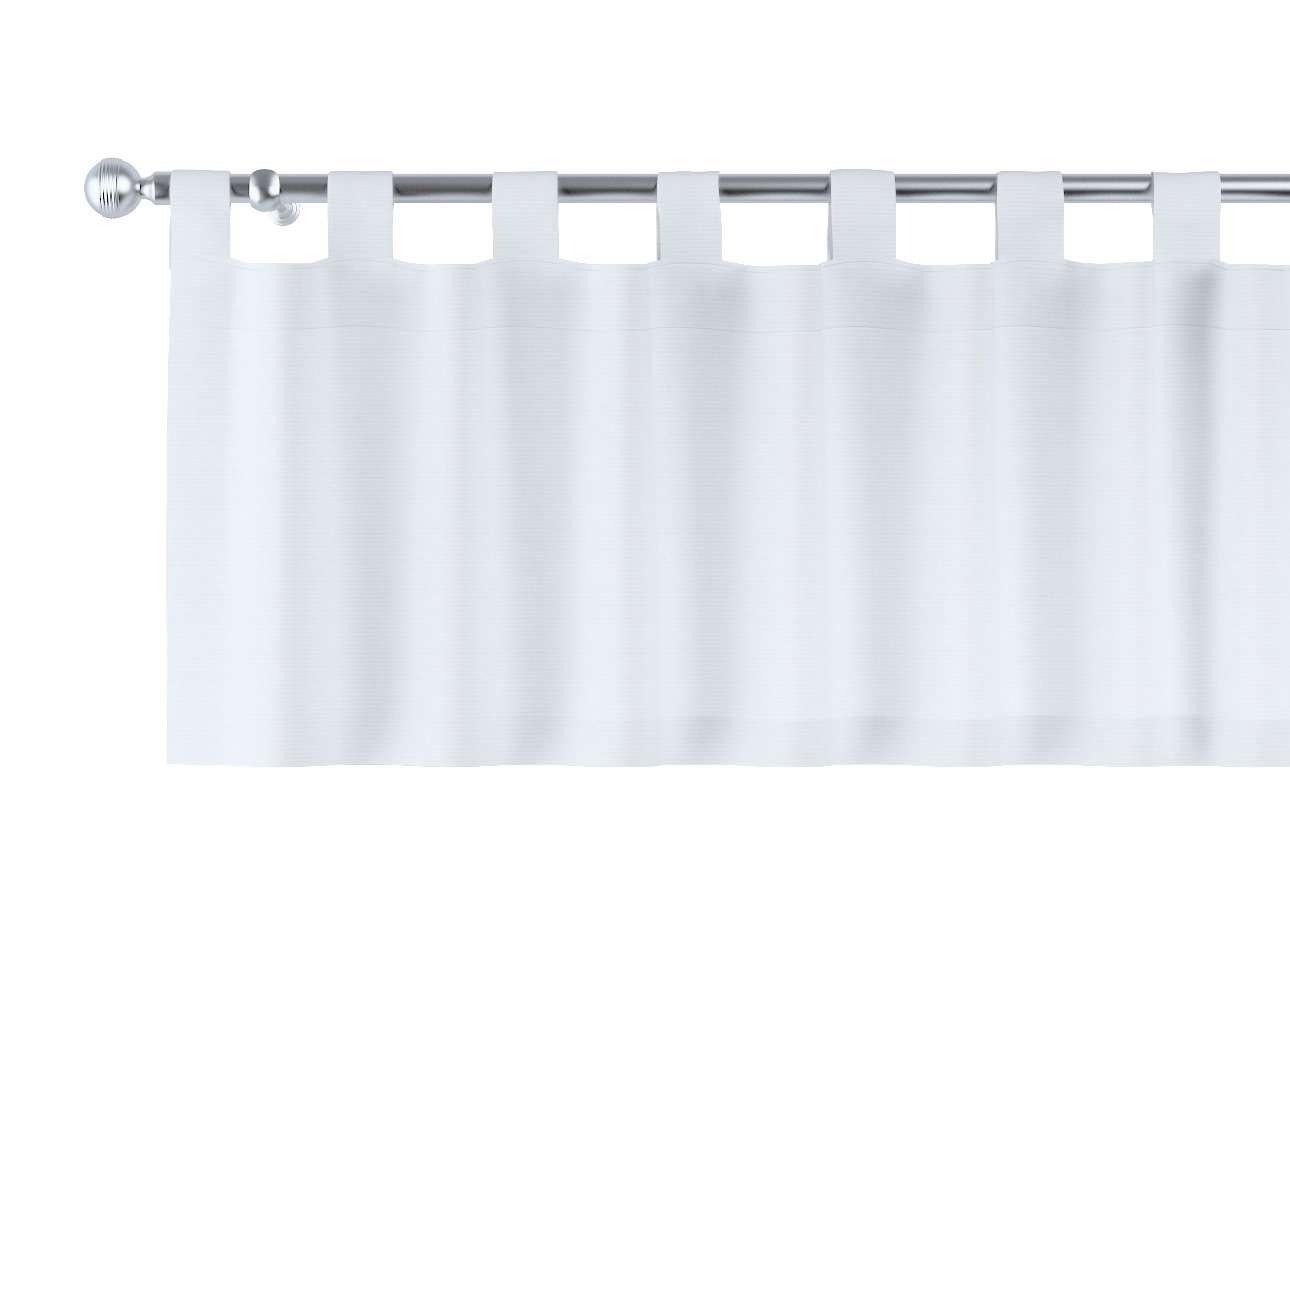 Gardinkappe med stropper 130x40cm fra kollektionen Jupiter, Stof: 127-01